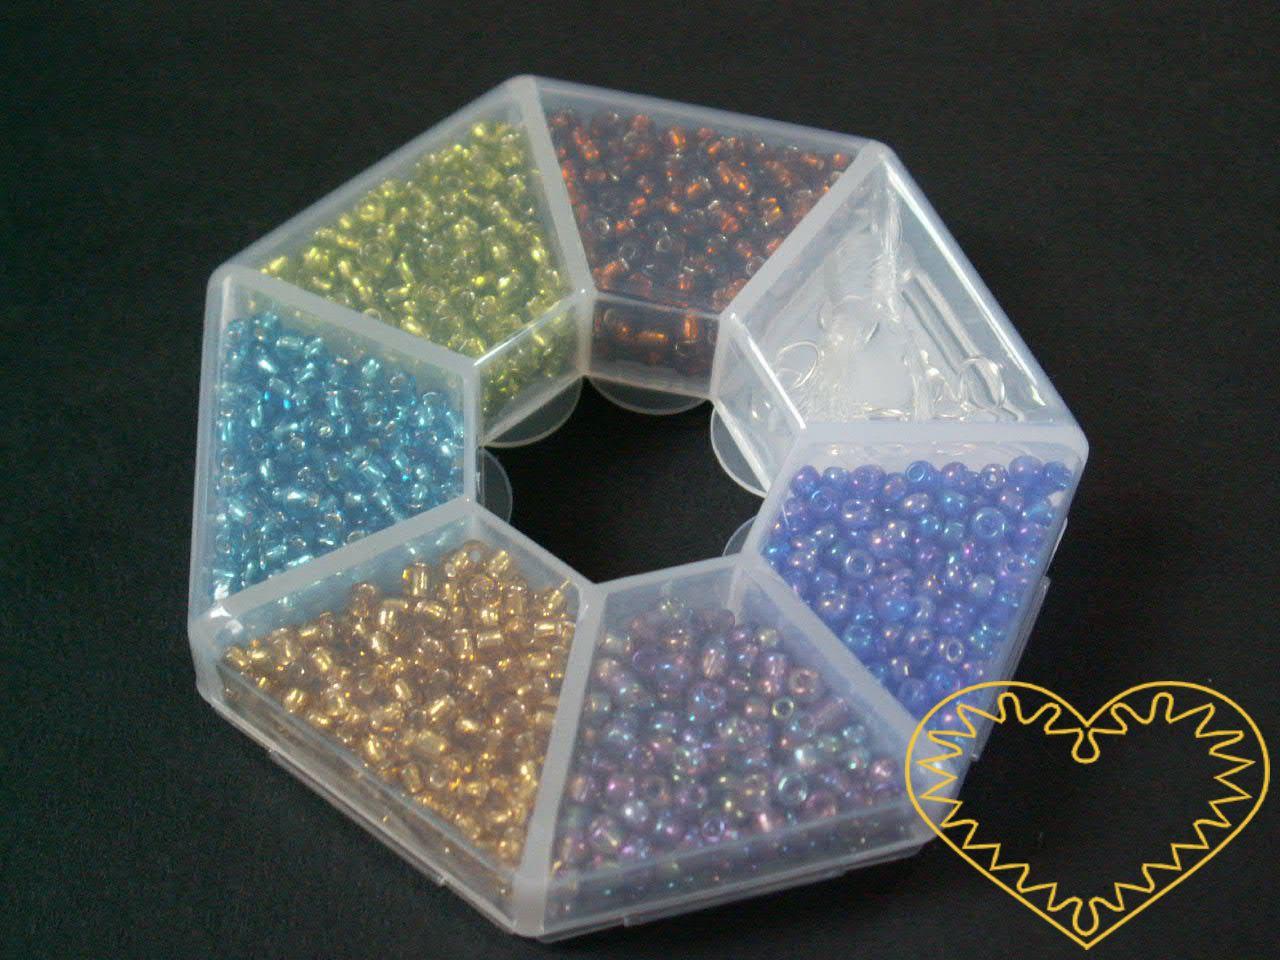 Barevné korálky / rokajl s komponenty v plastovém sedmihranu. Balení obsahuje: 6 barev korálků velikosti 3 mm, 2 šroubovací zapínání a 2 silikonové vlasce. Vhodné k výrobě náušnic, náramků, náhrdelníků, motanic a vánočních ozdob.